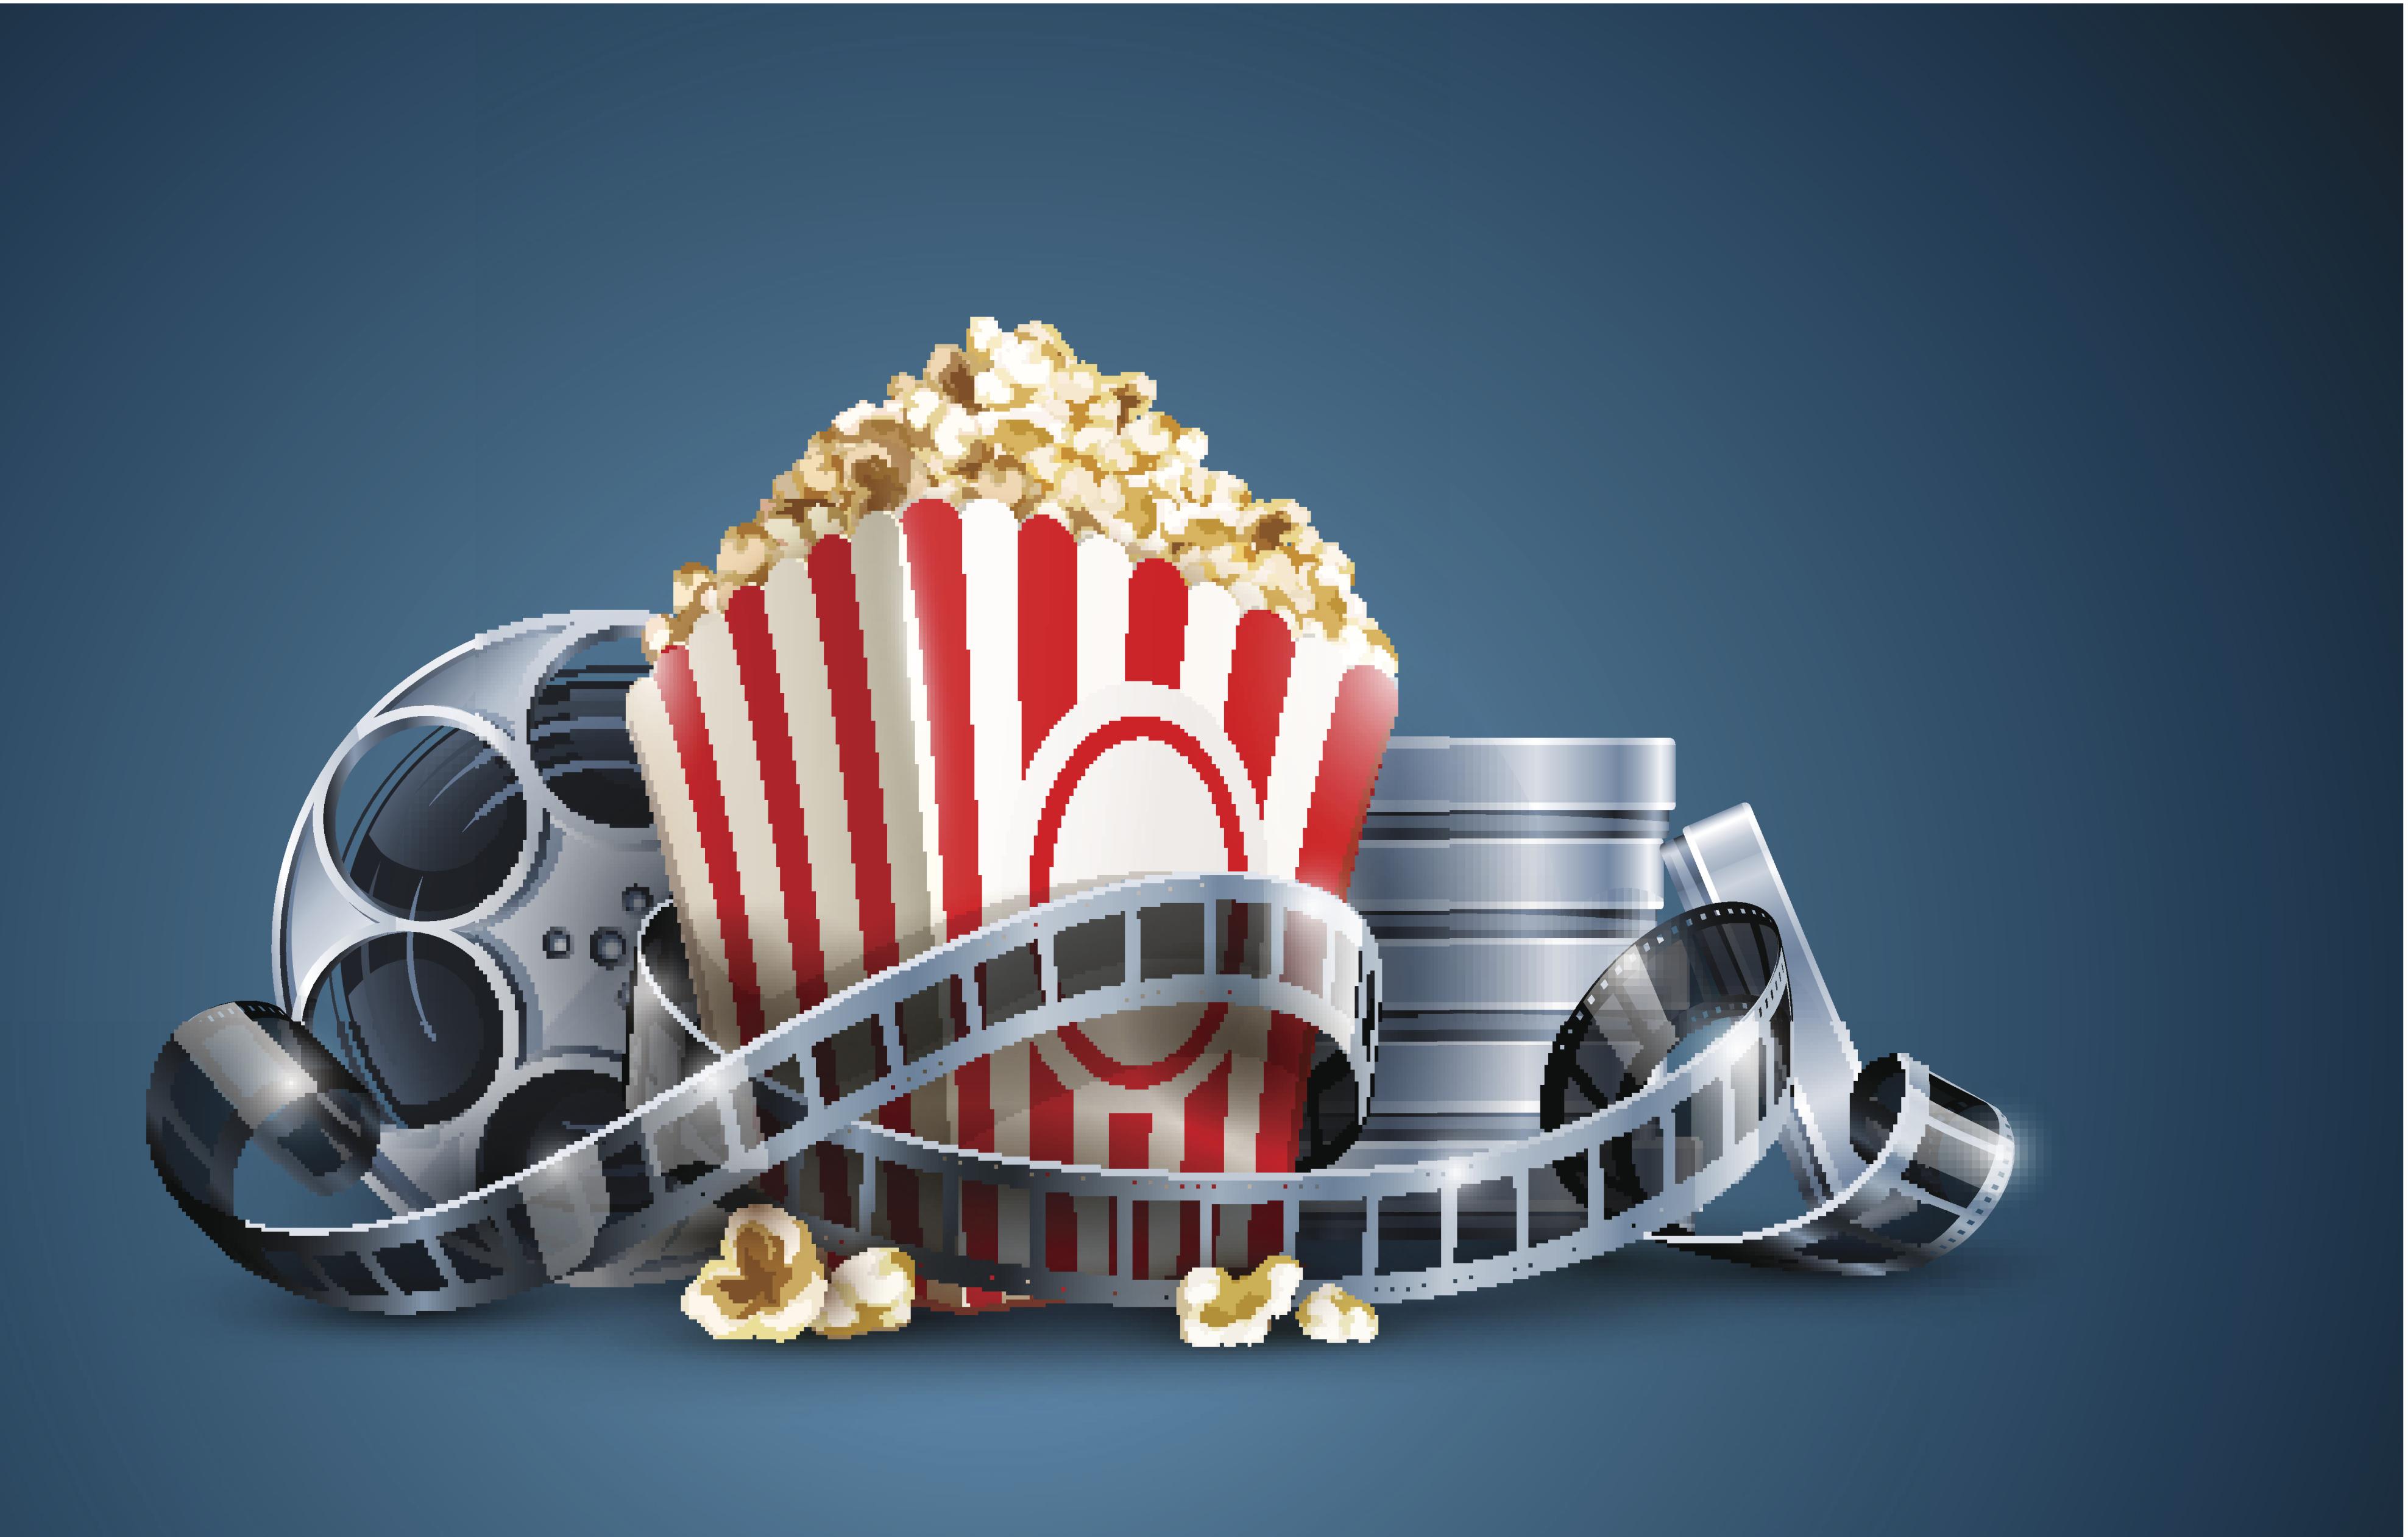 Hai la cinema in Februarie 2017!